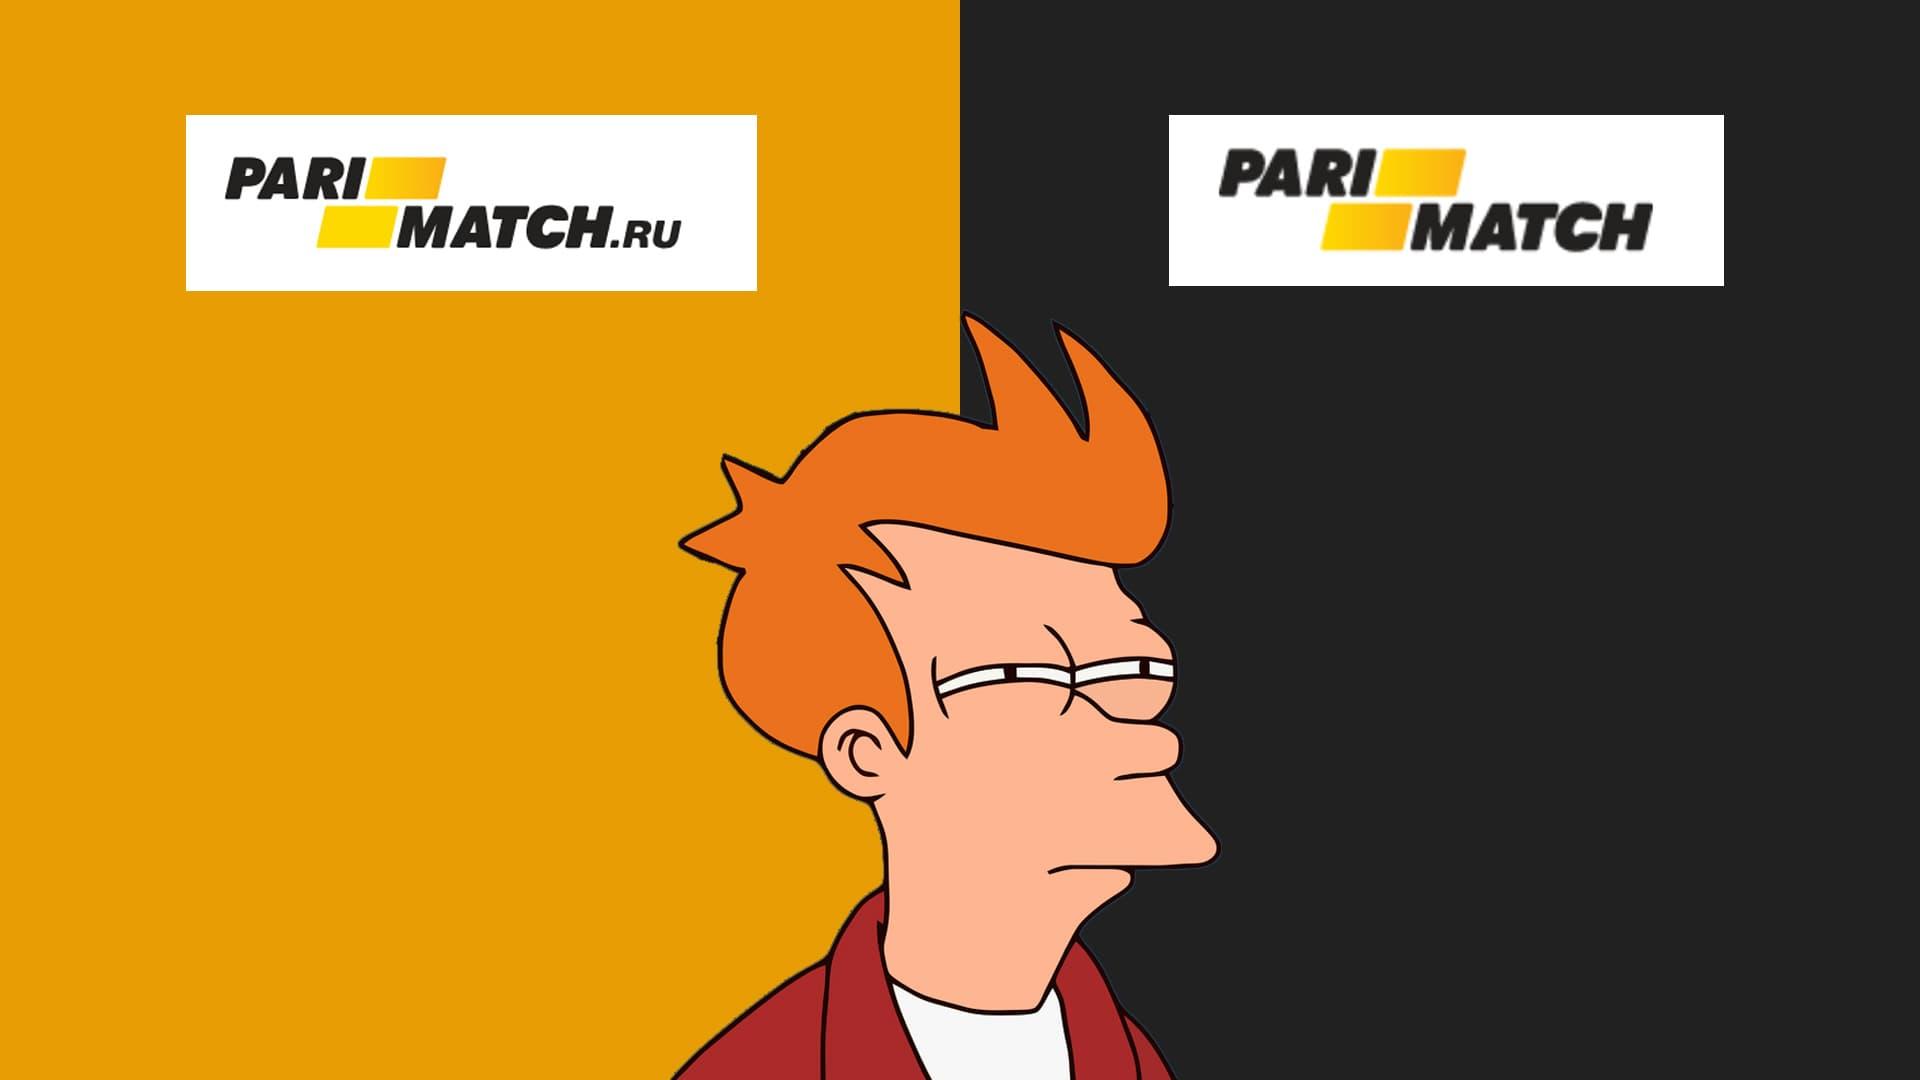 Париматч и Parimatch.com: в чем разница